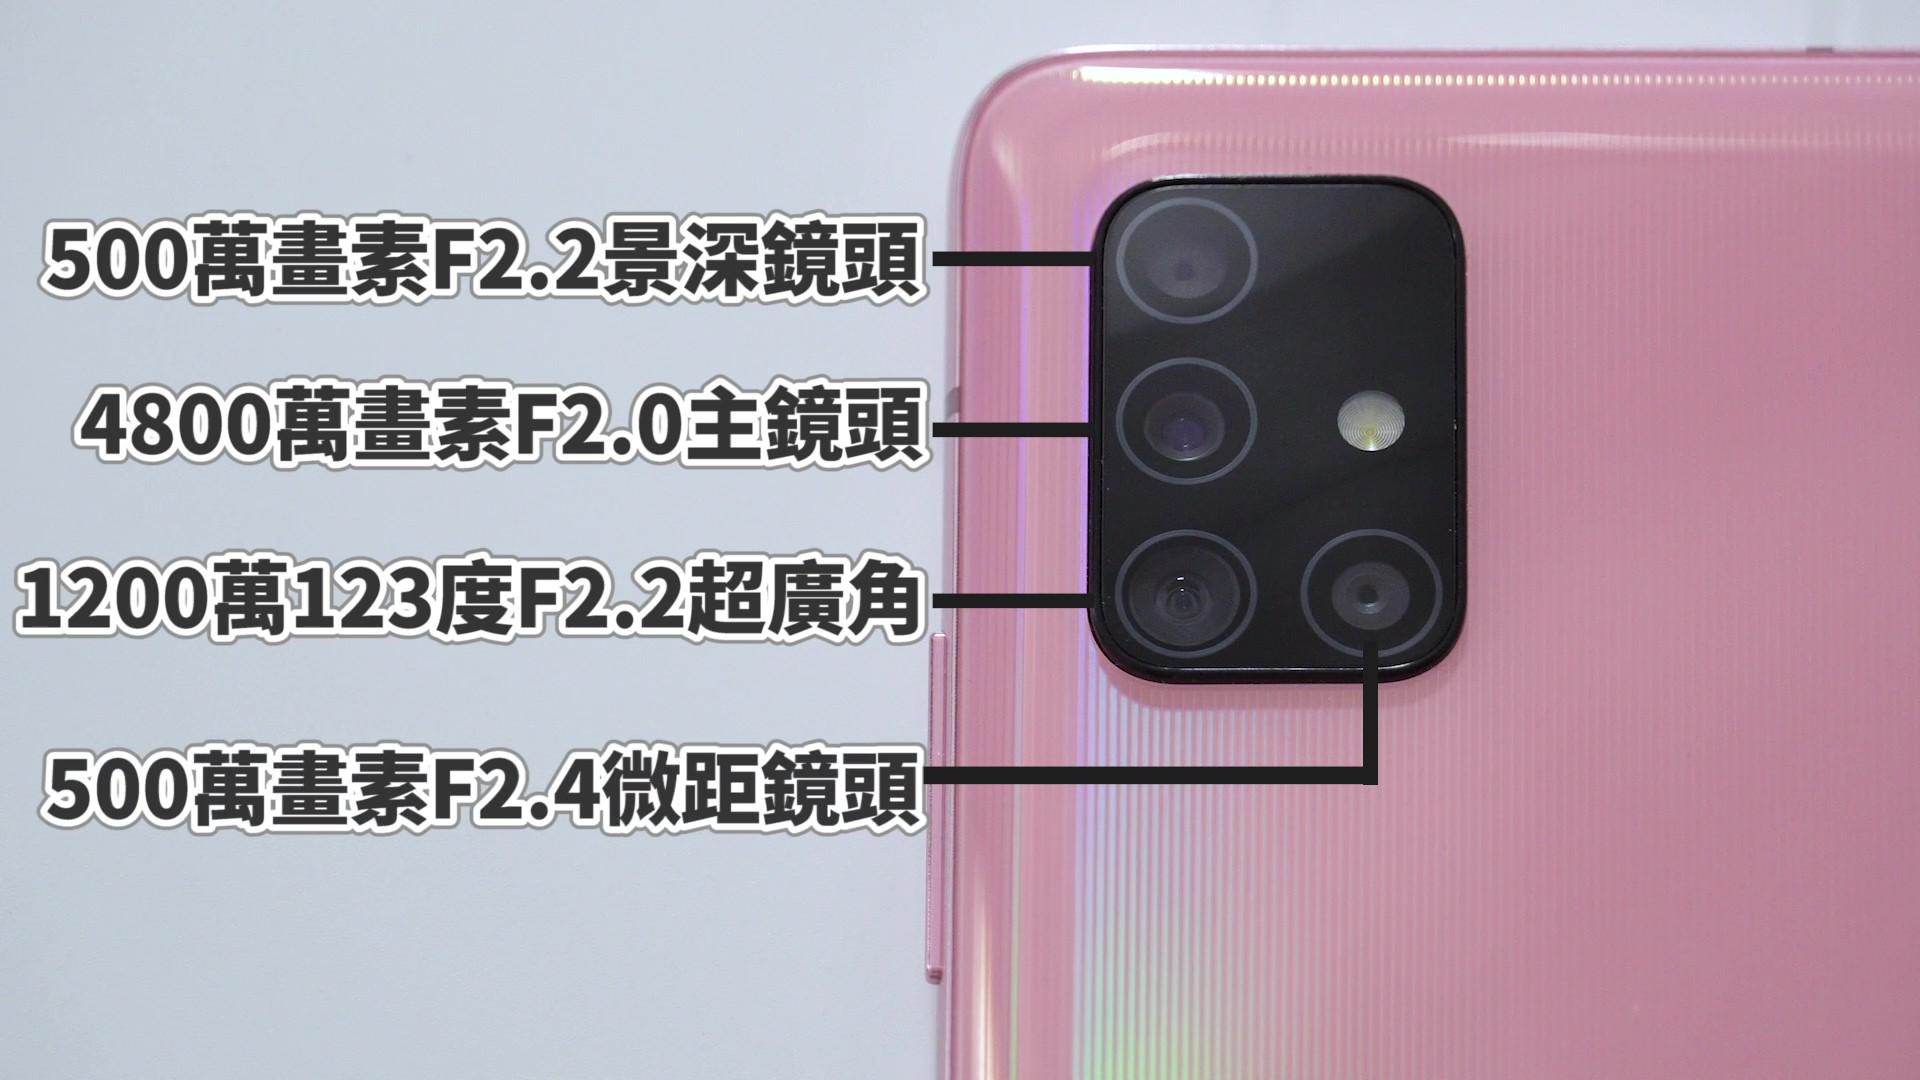 Galaxy A51 5G v4初剪_Moment.jpg